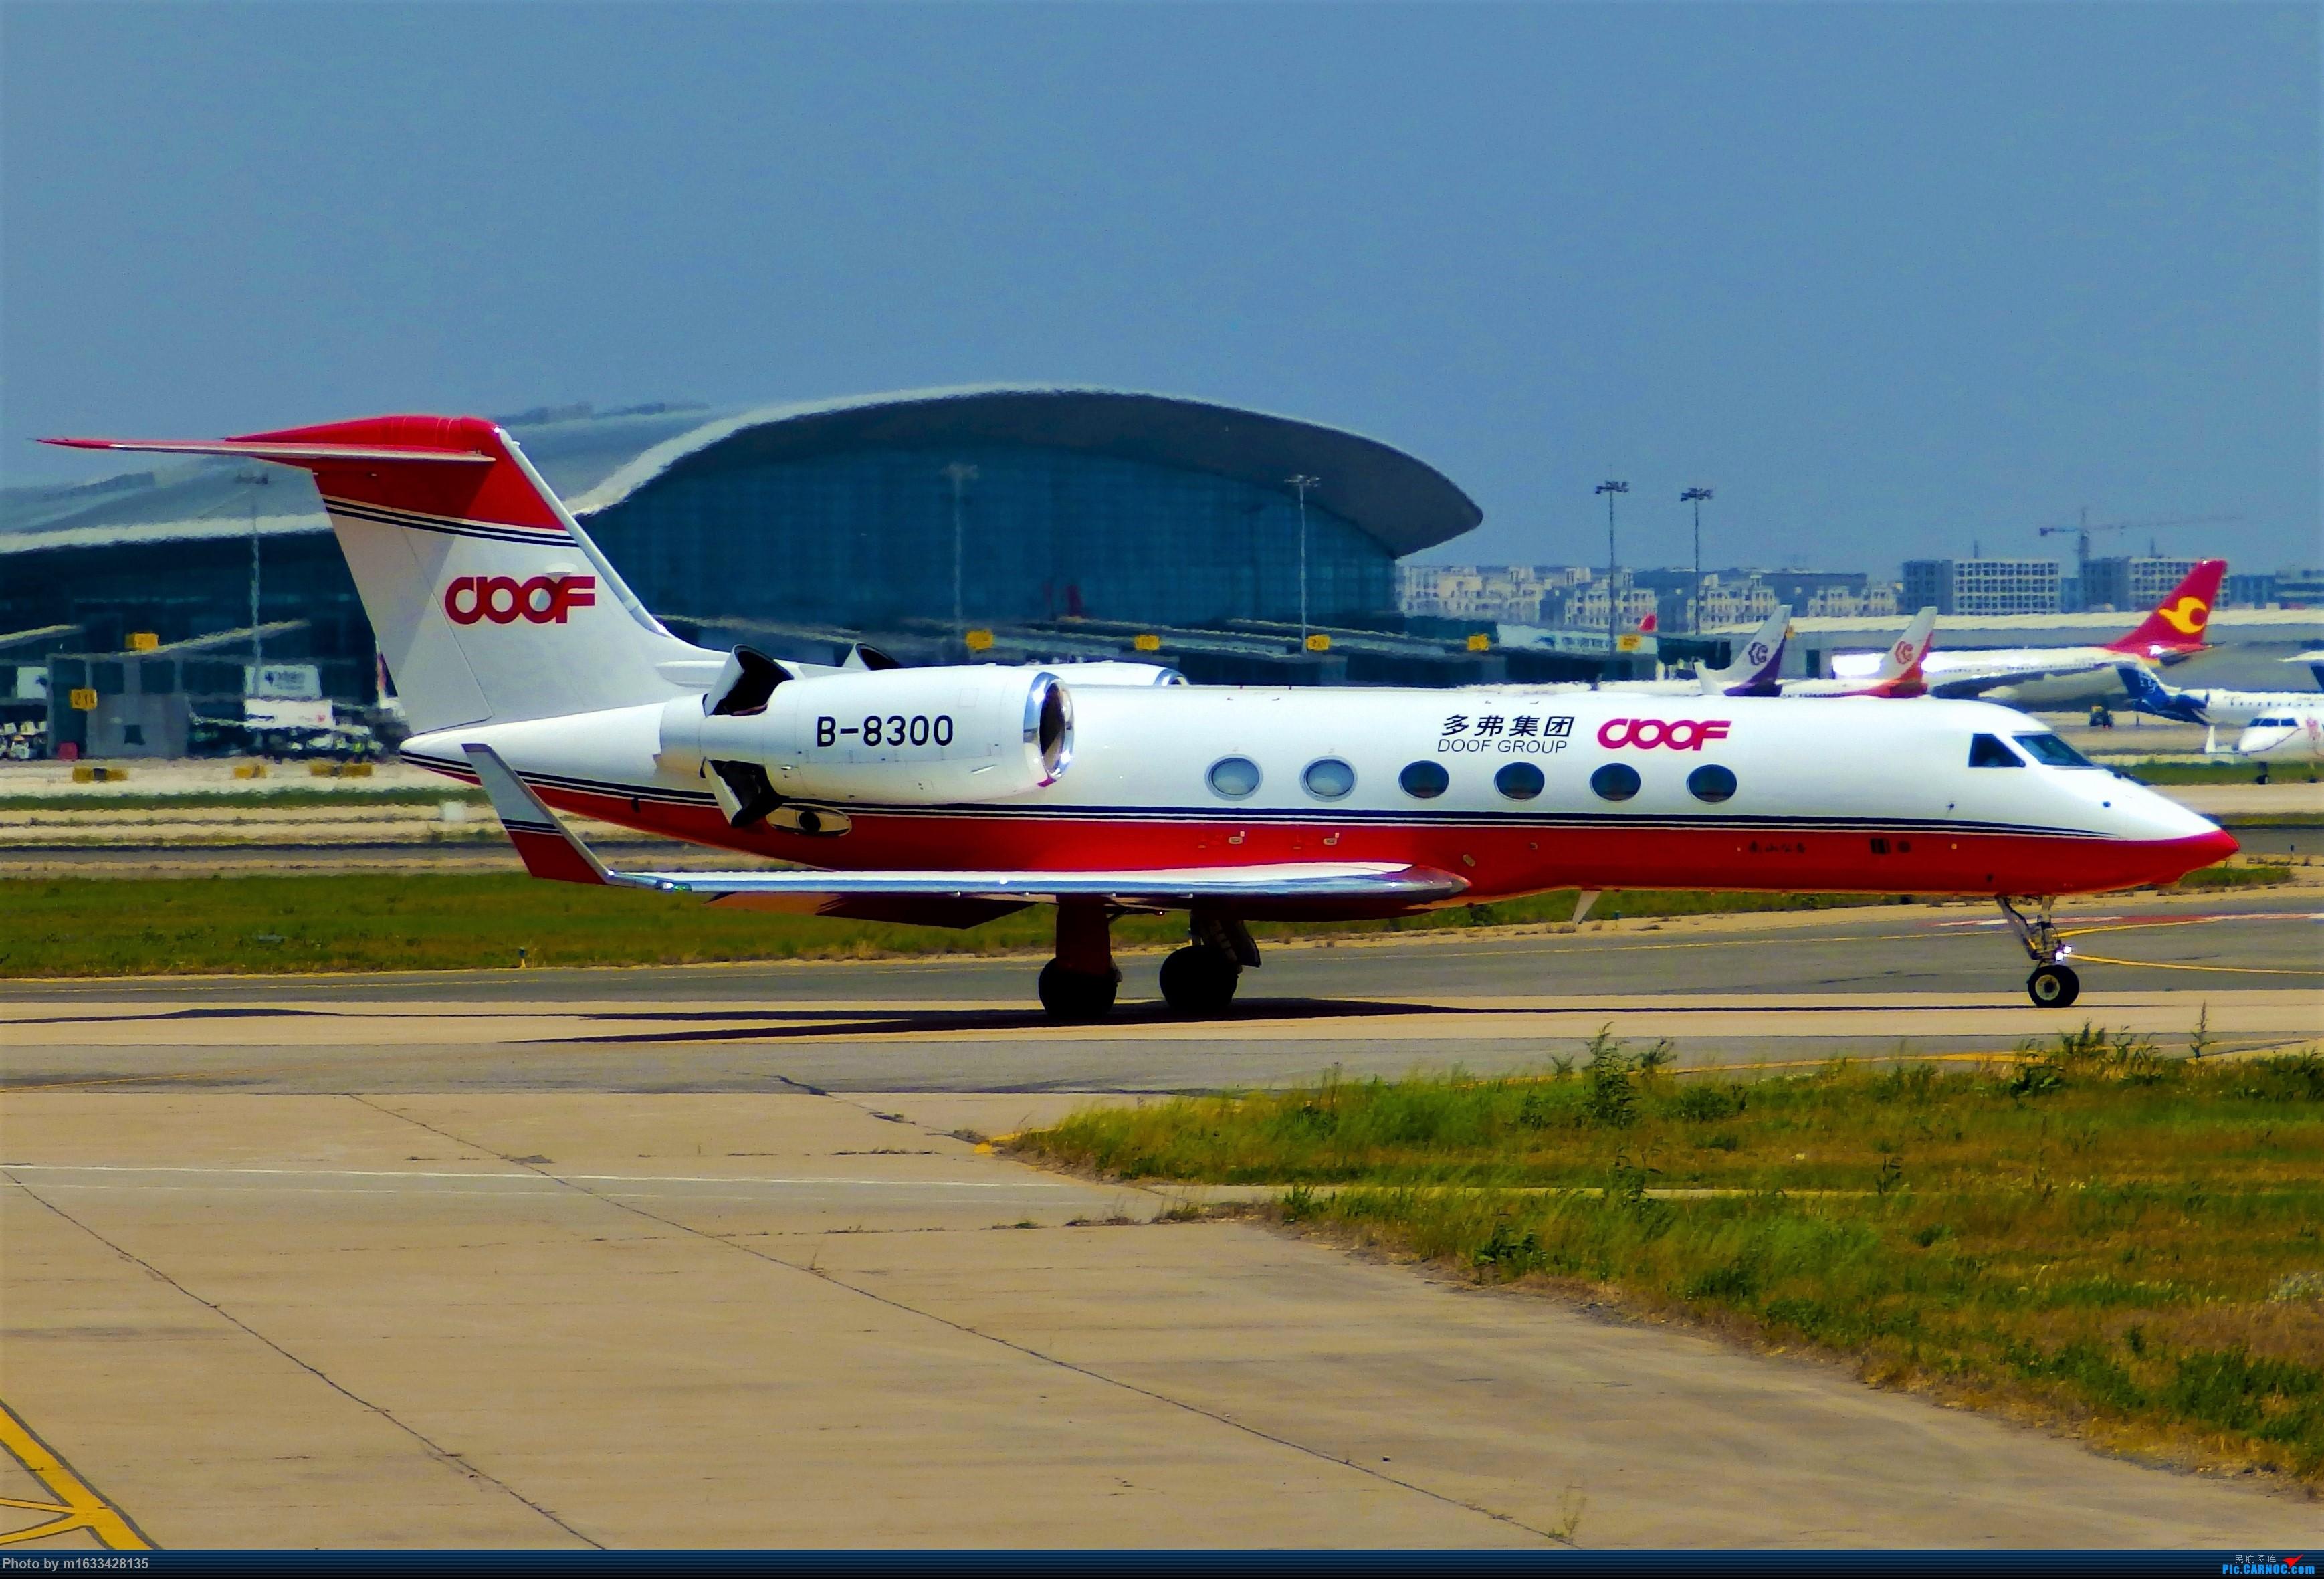 [原创][公务机]DOOF GROUP Gulfstream G450 GULFSTREAM G450 B-8300 中国天津滨海国际机场